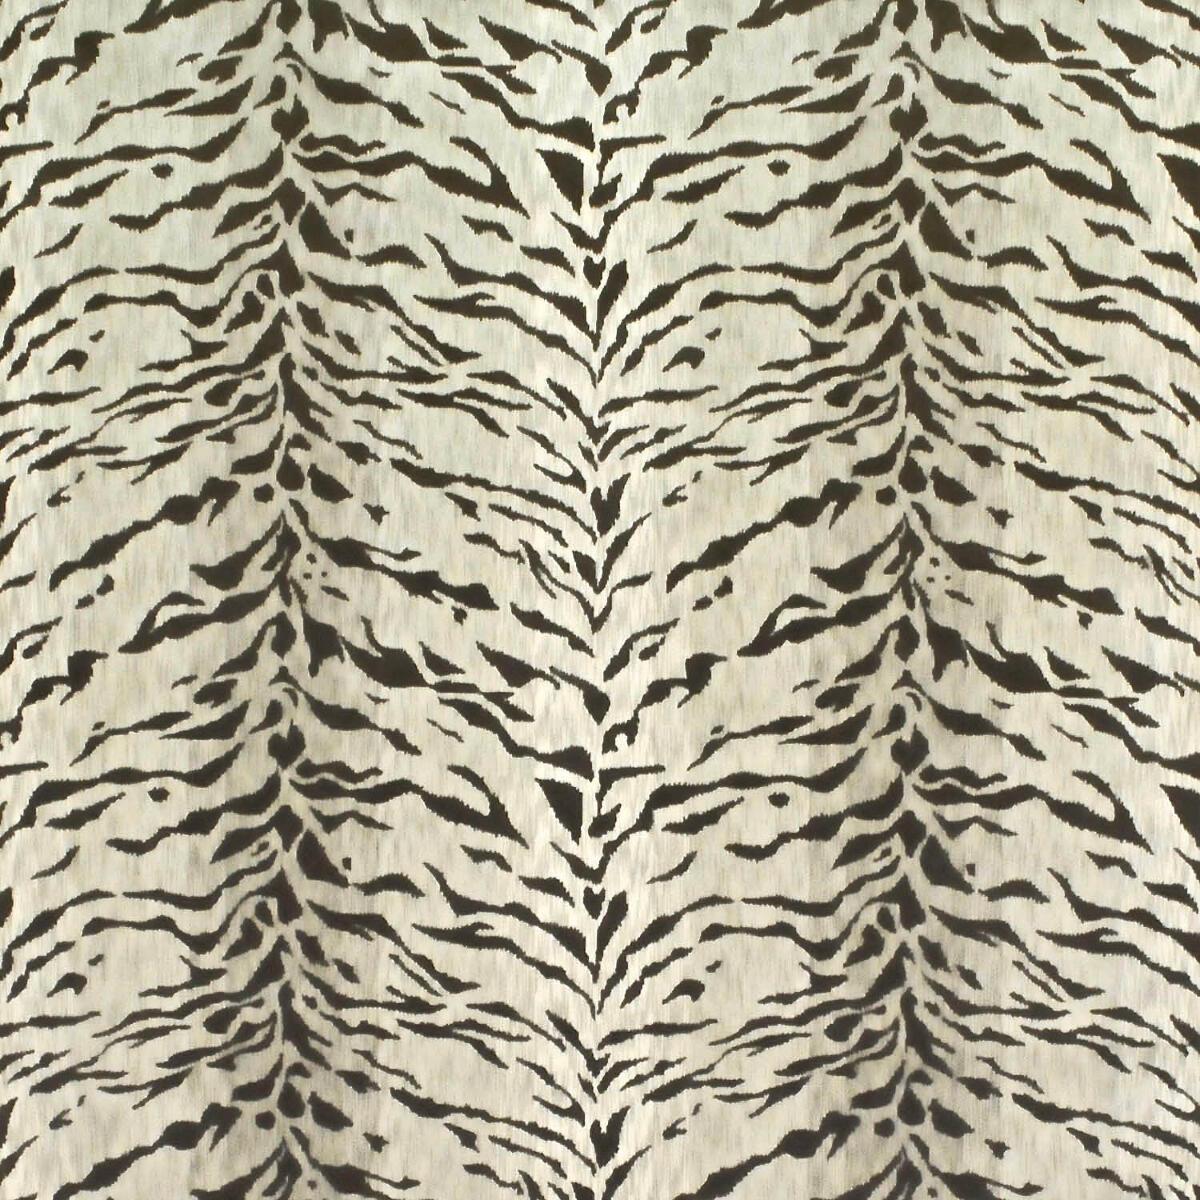 Tigre Velours Soie Snow Tigre